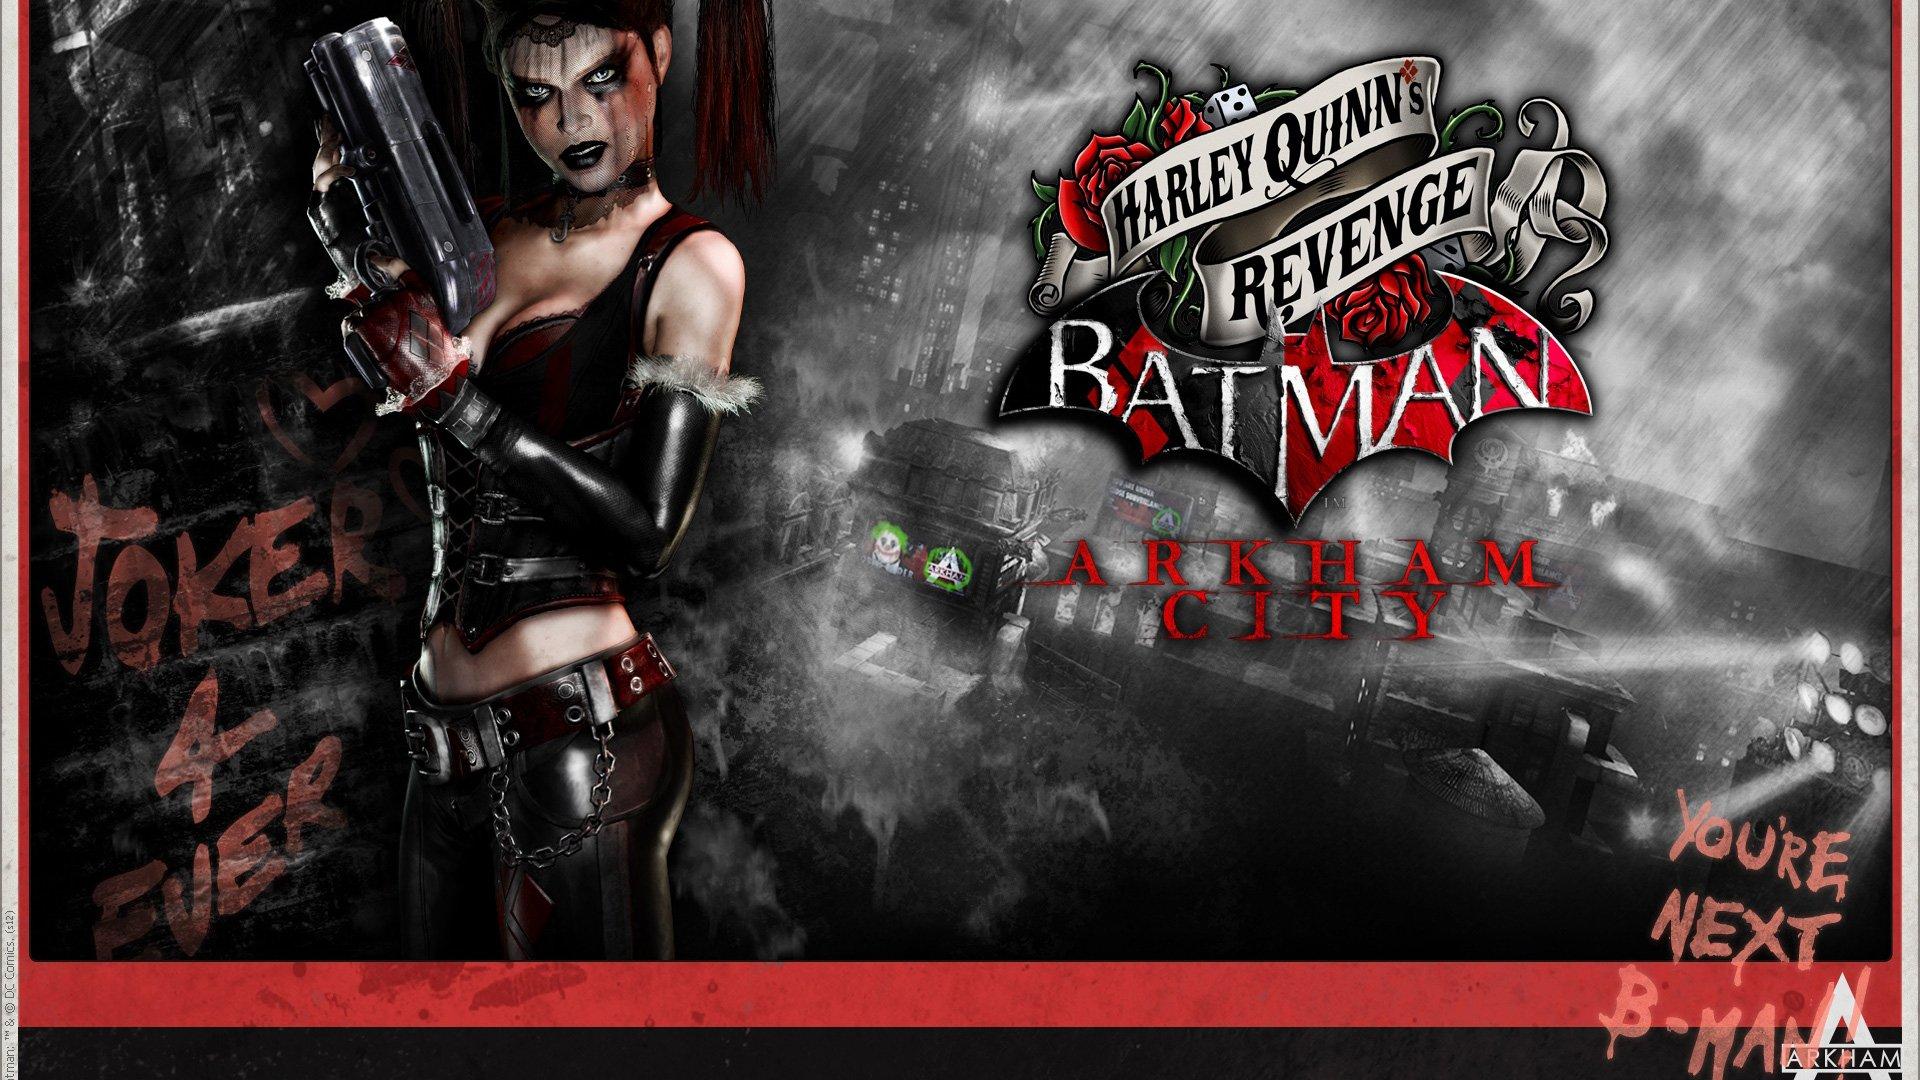 Harley Quinn Batman Arkham Revenge Heroes Wallpaper